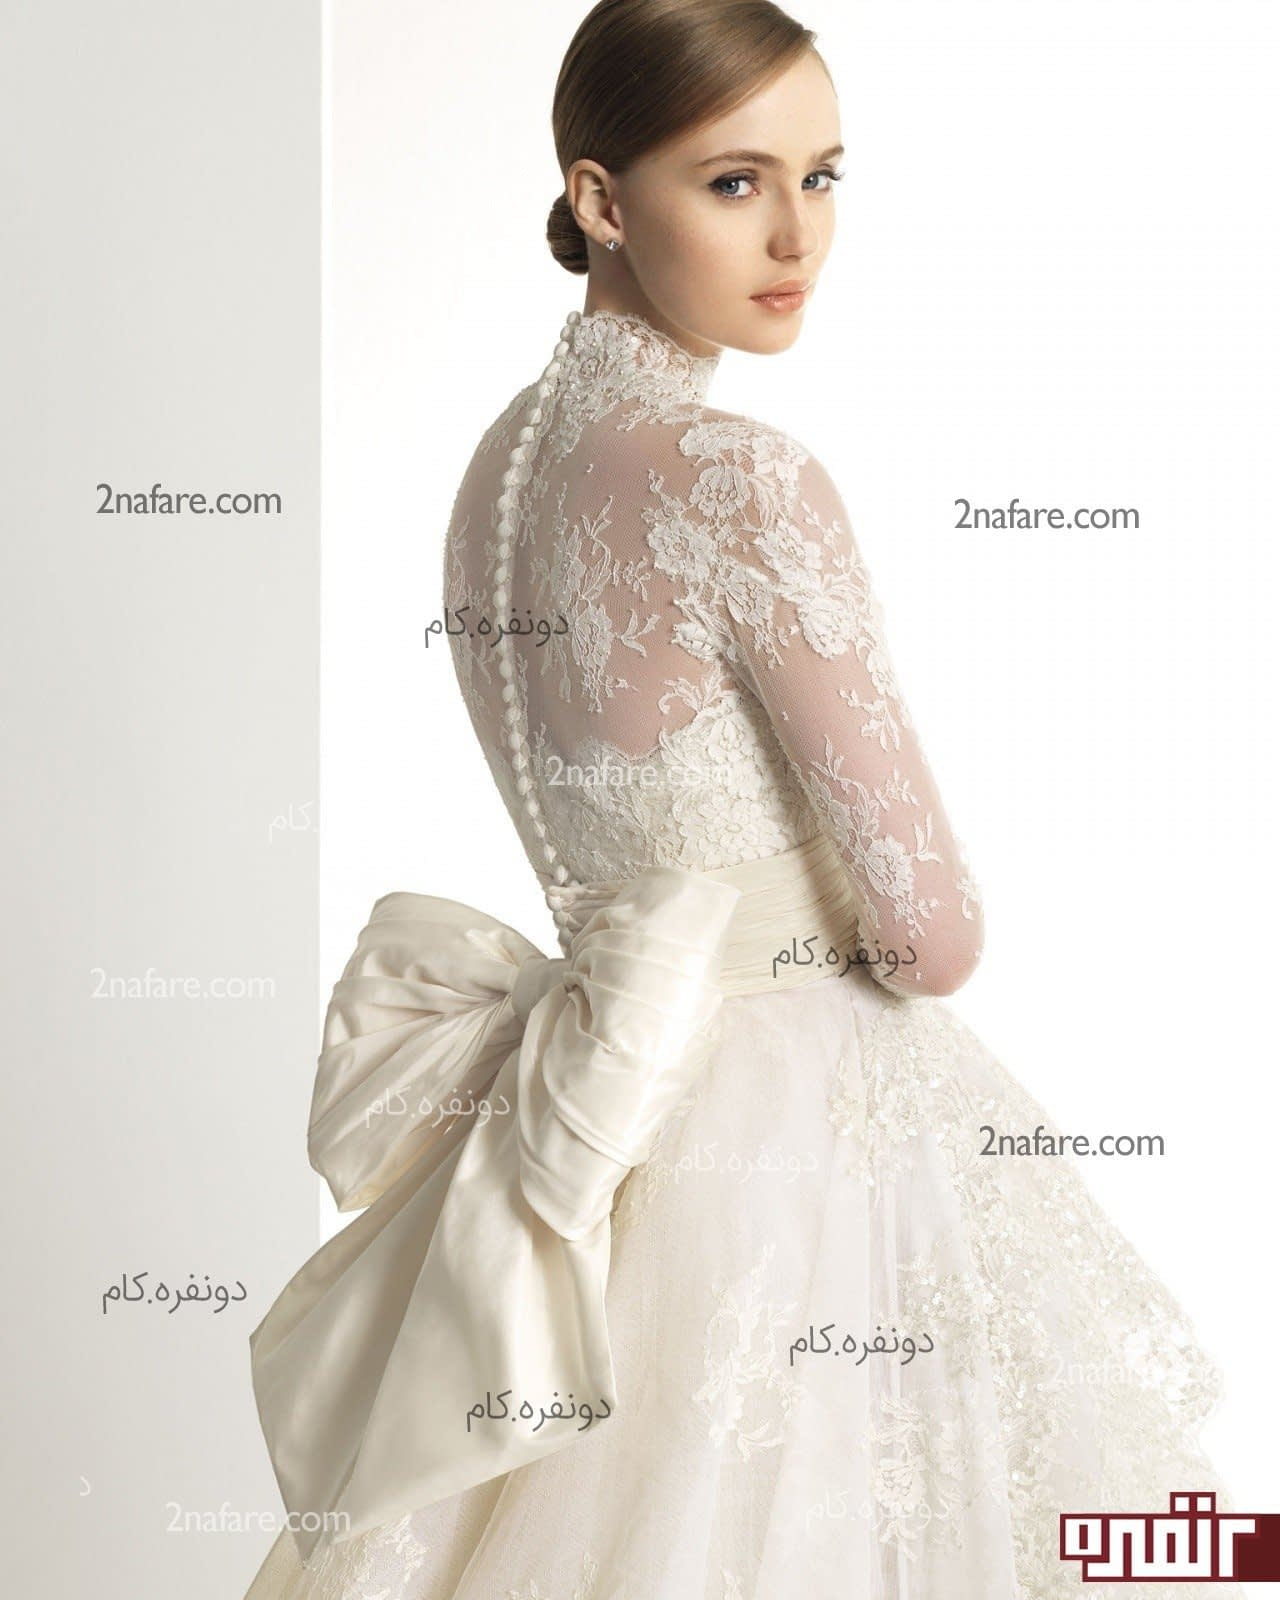 لباس عروس با پارچه دانتل تولینک